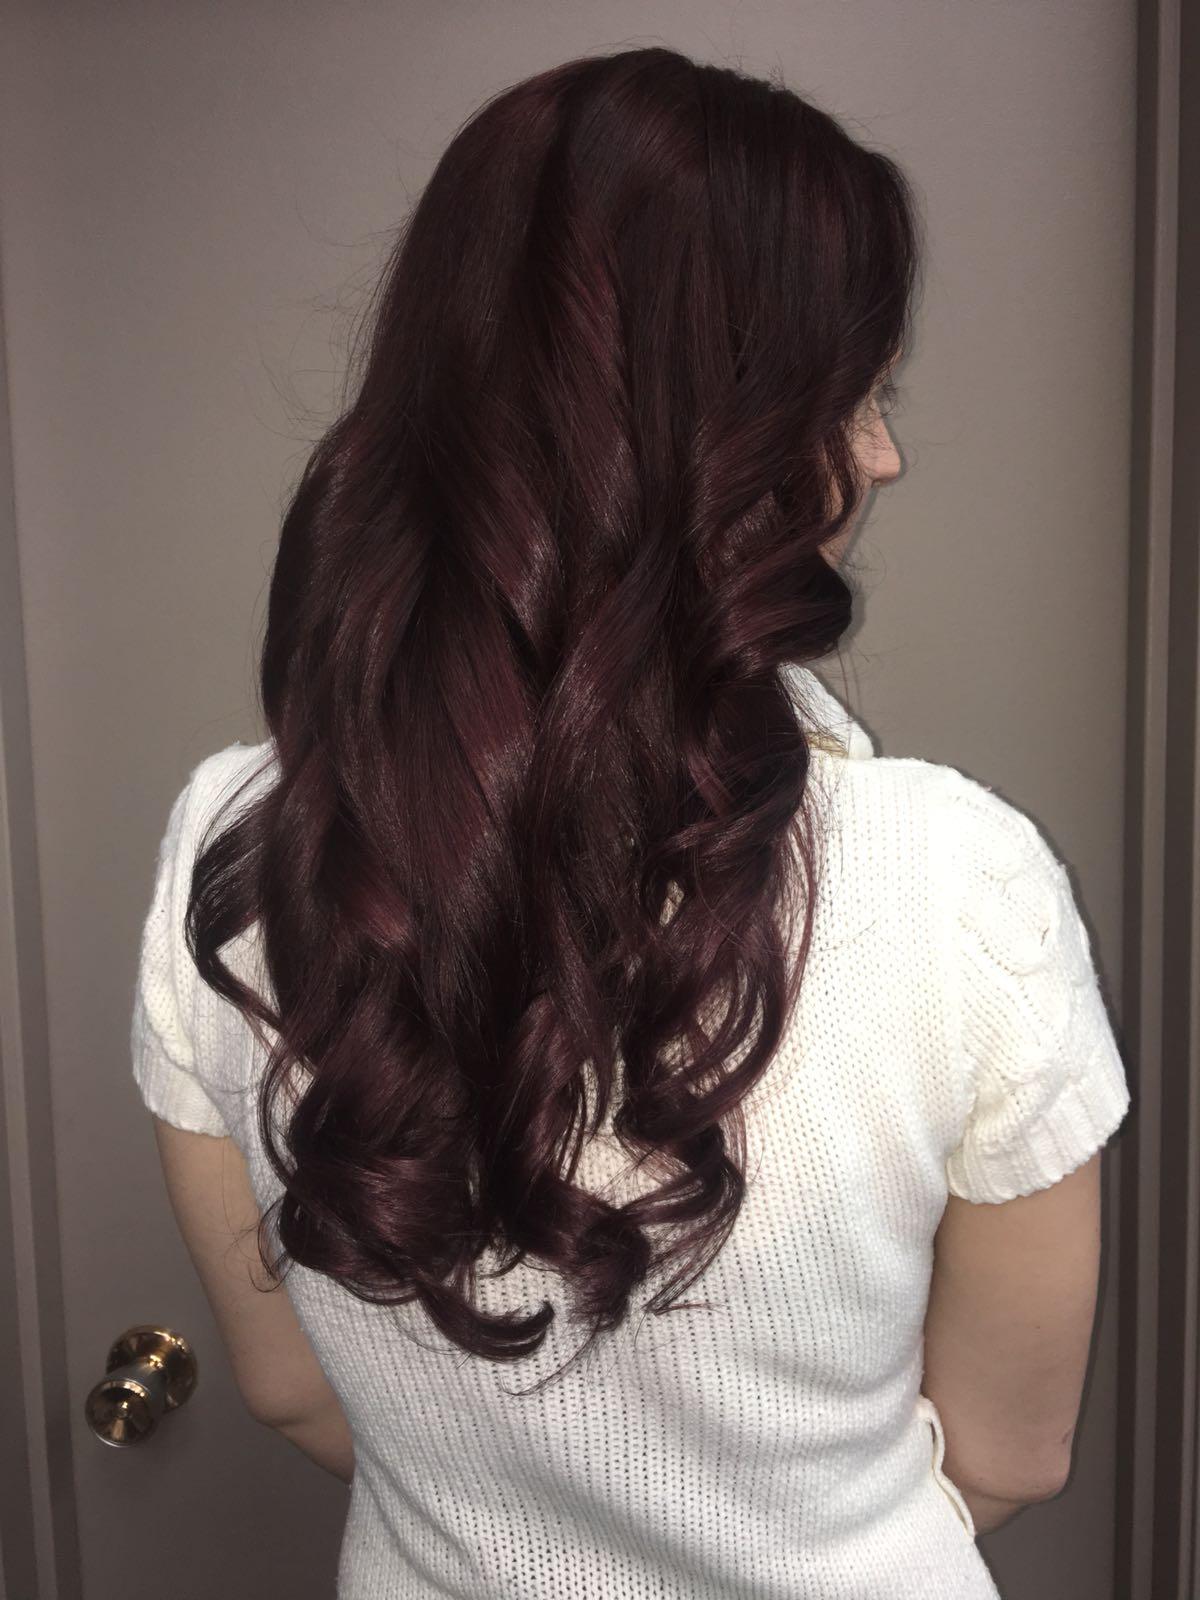 Burgundy dark hair at hairstyle inn saskatoon